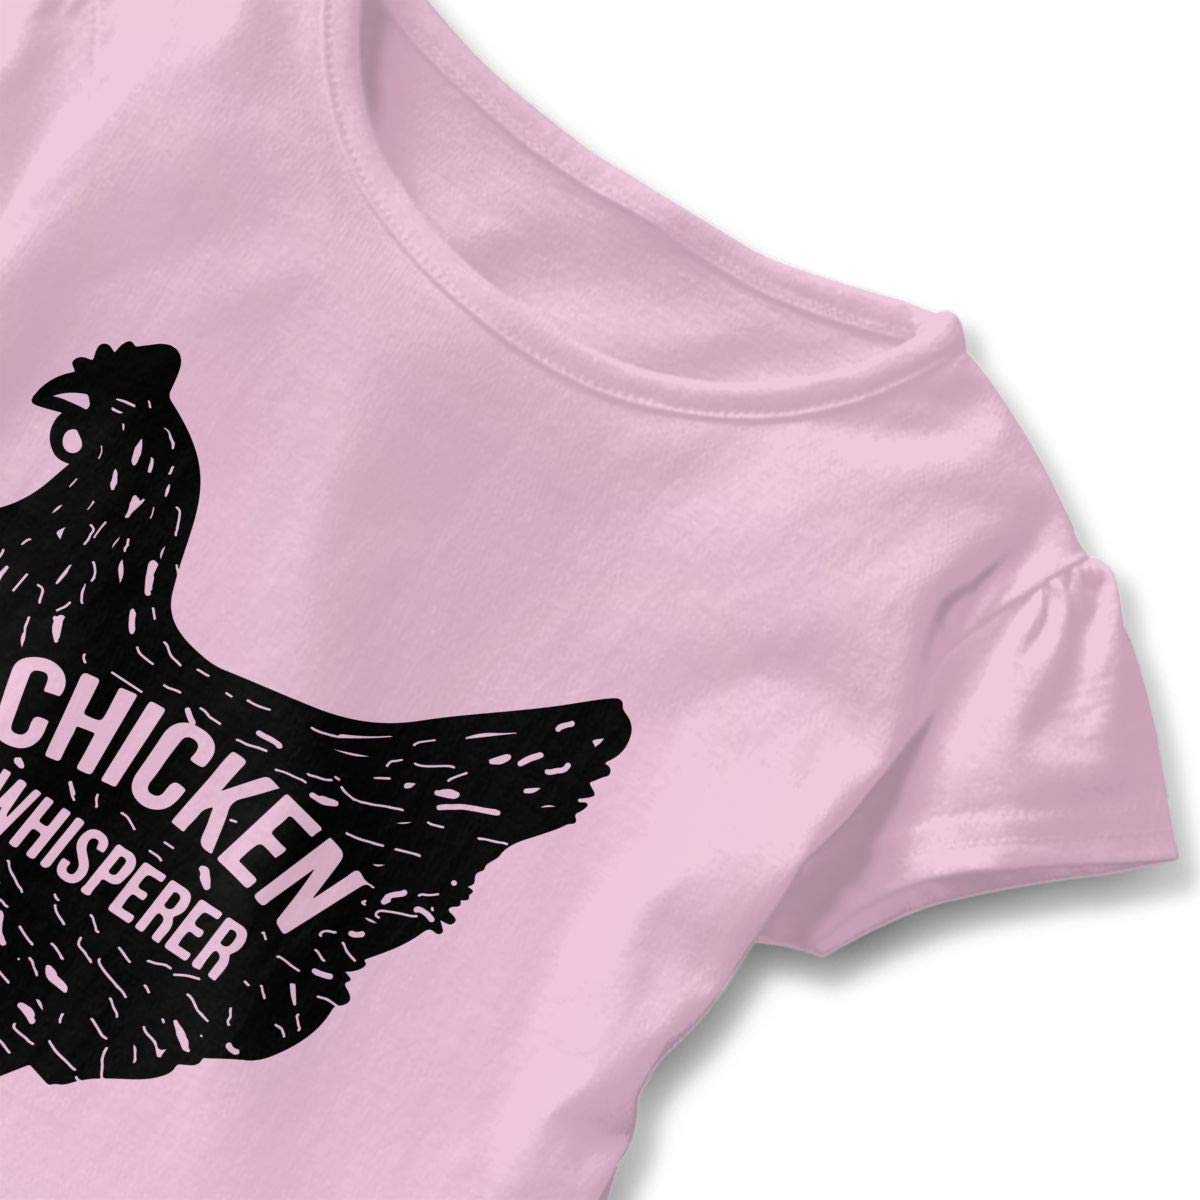 Chicken Whisperer Kids Girls Short Sleeve Ruffles Shirt T-Shirt for 2-6T